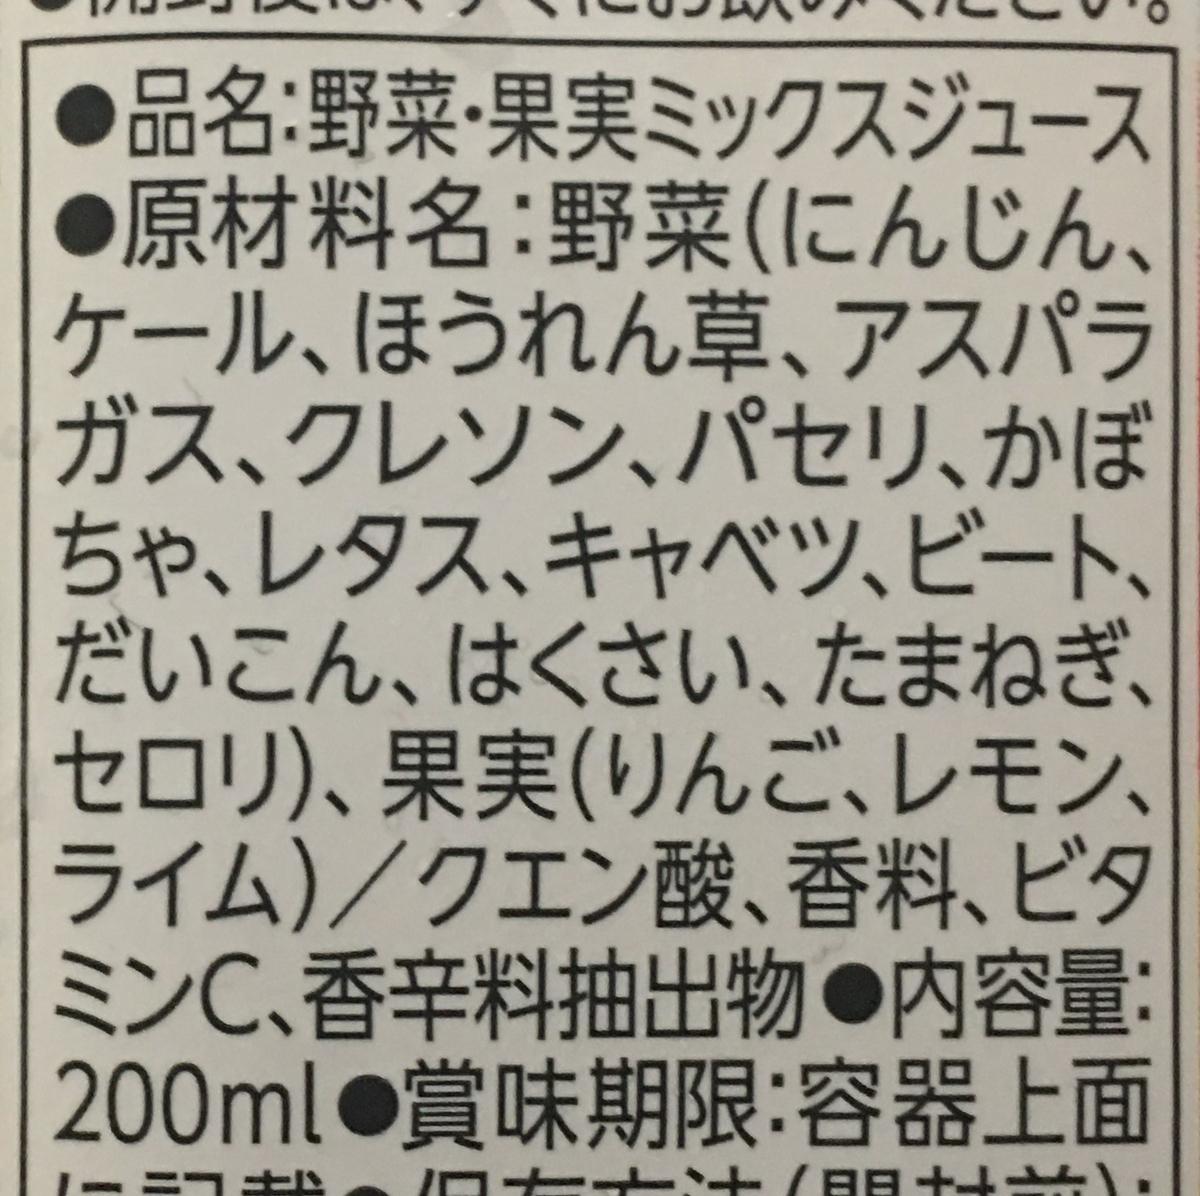 f:id:YOSHIO1010:20200622032906j:plain